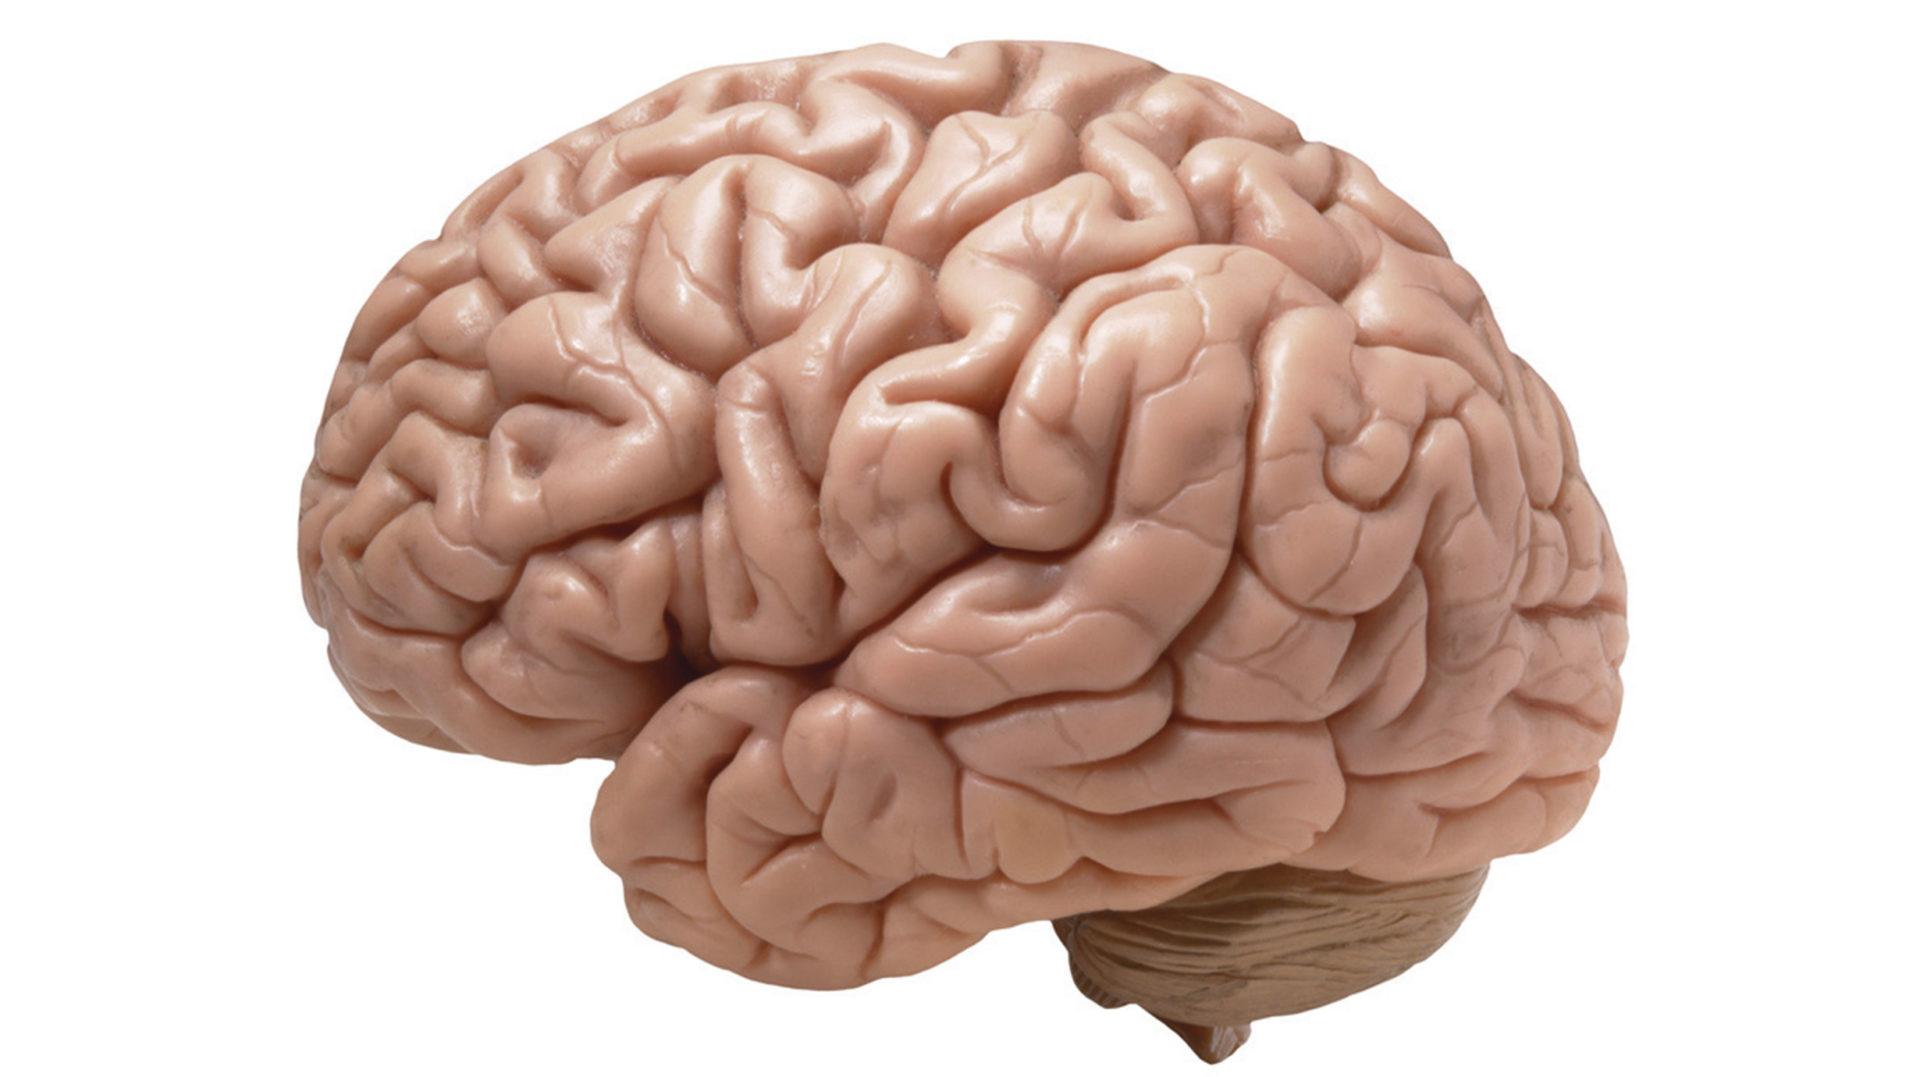 Com es veu el cervell humà amb el microscopi?